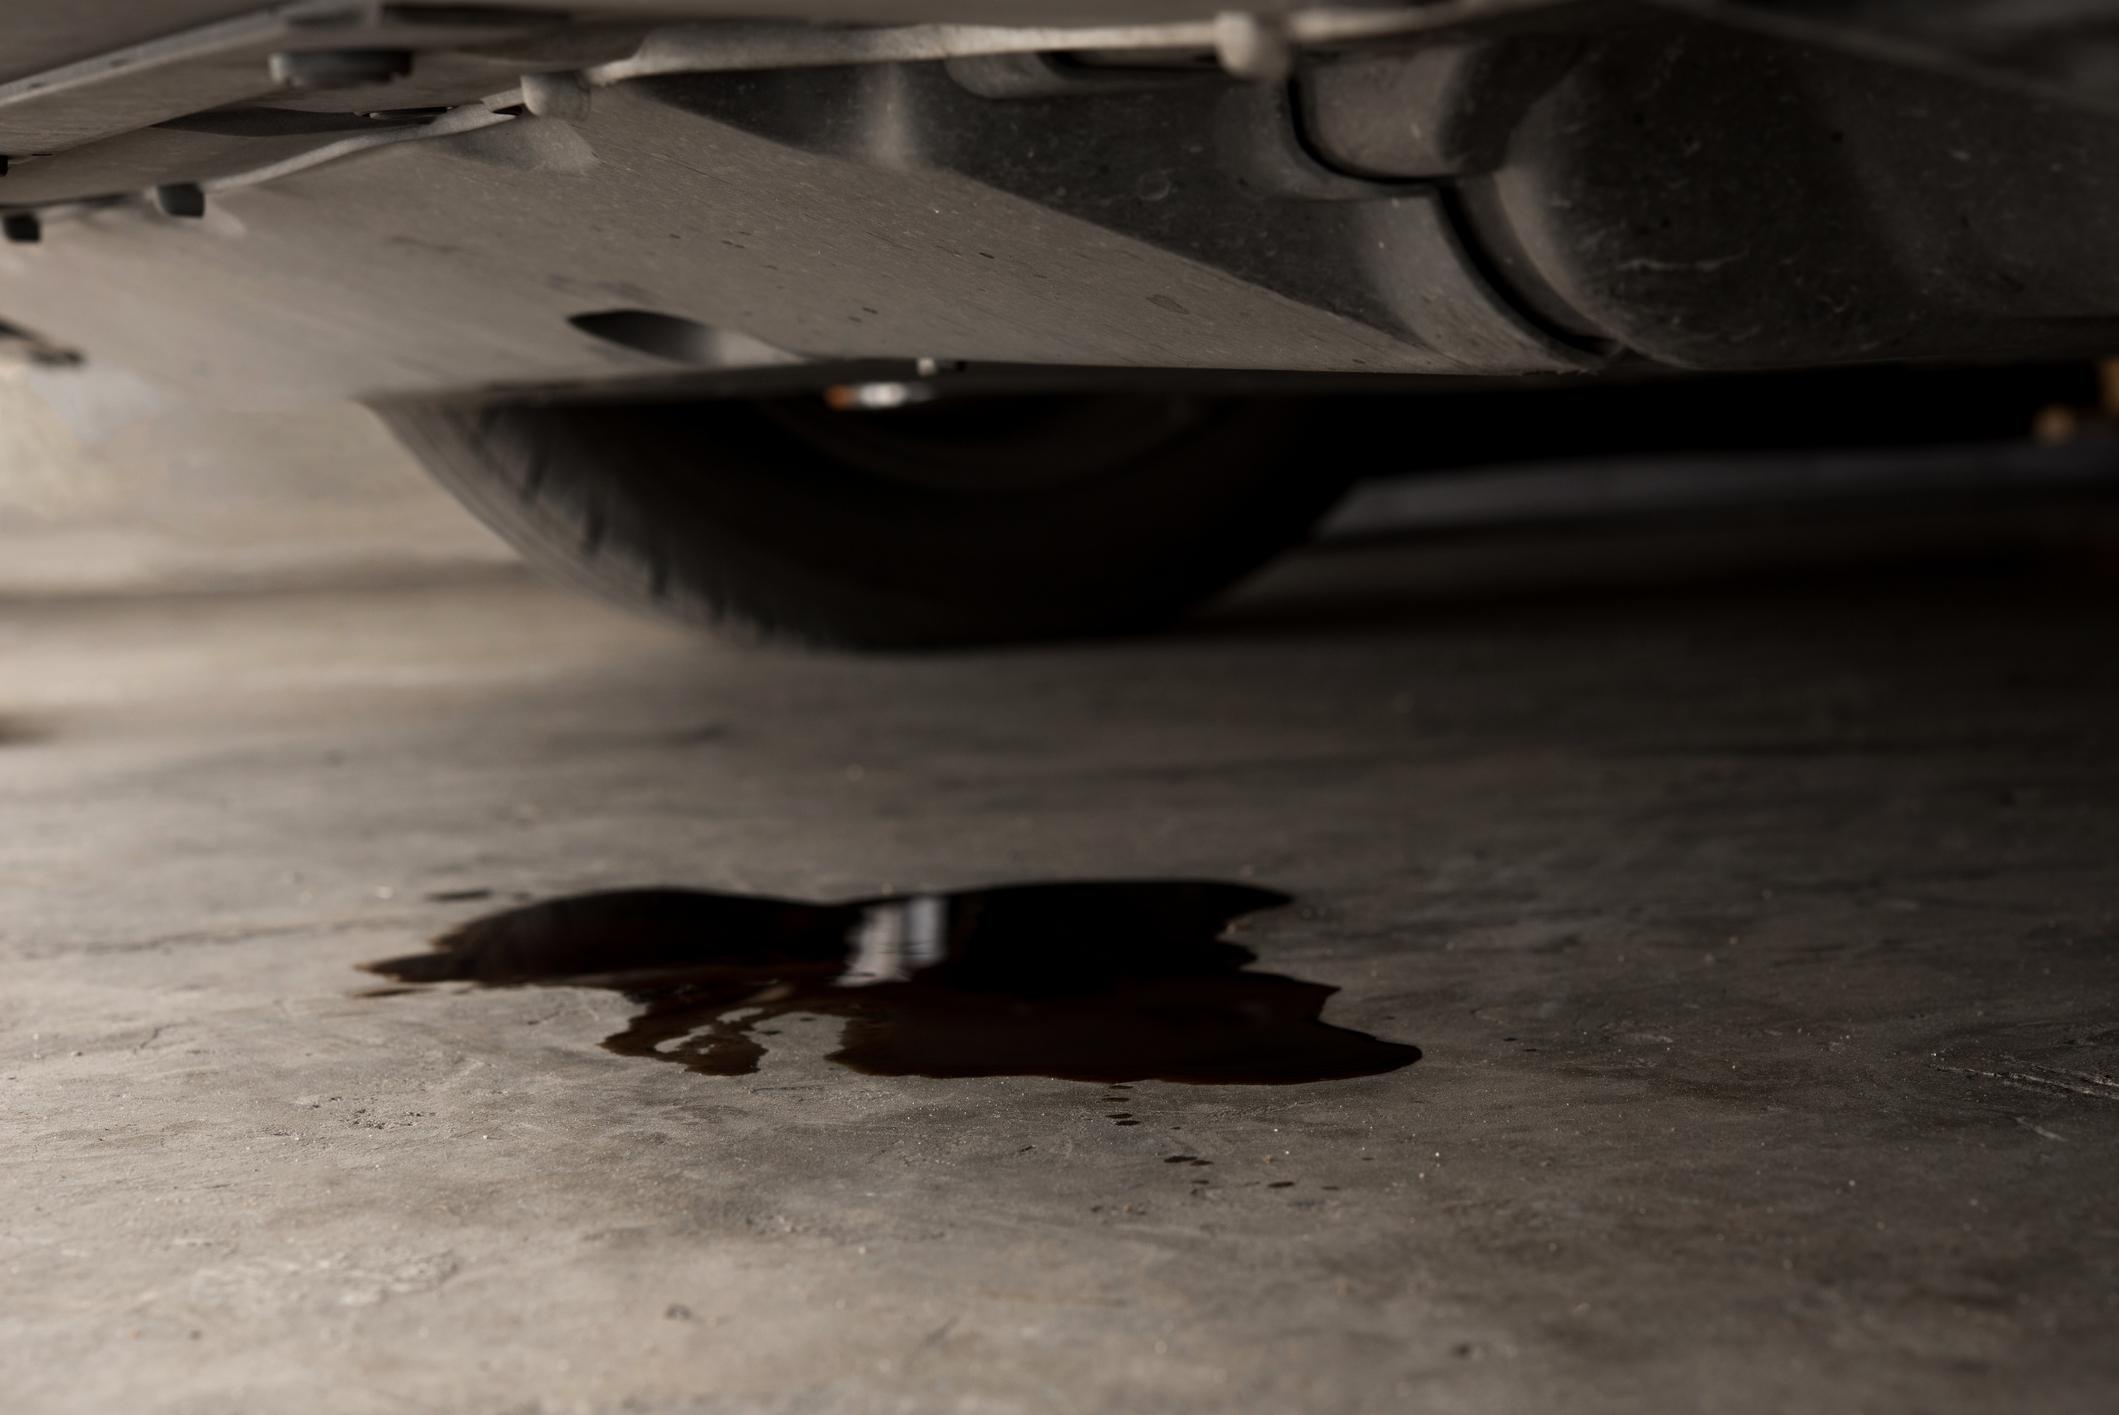 Fuites d'huile sur ma voiture : causes et solutions